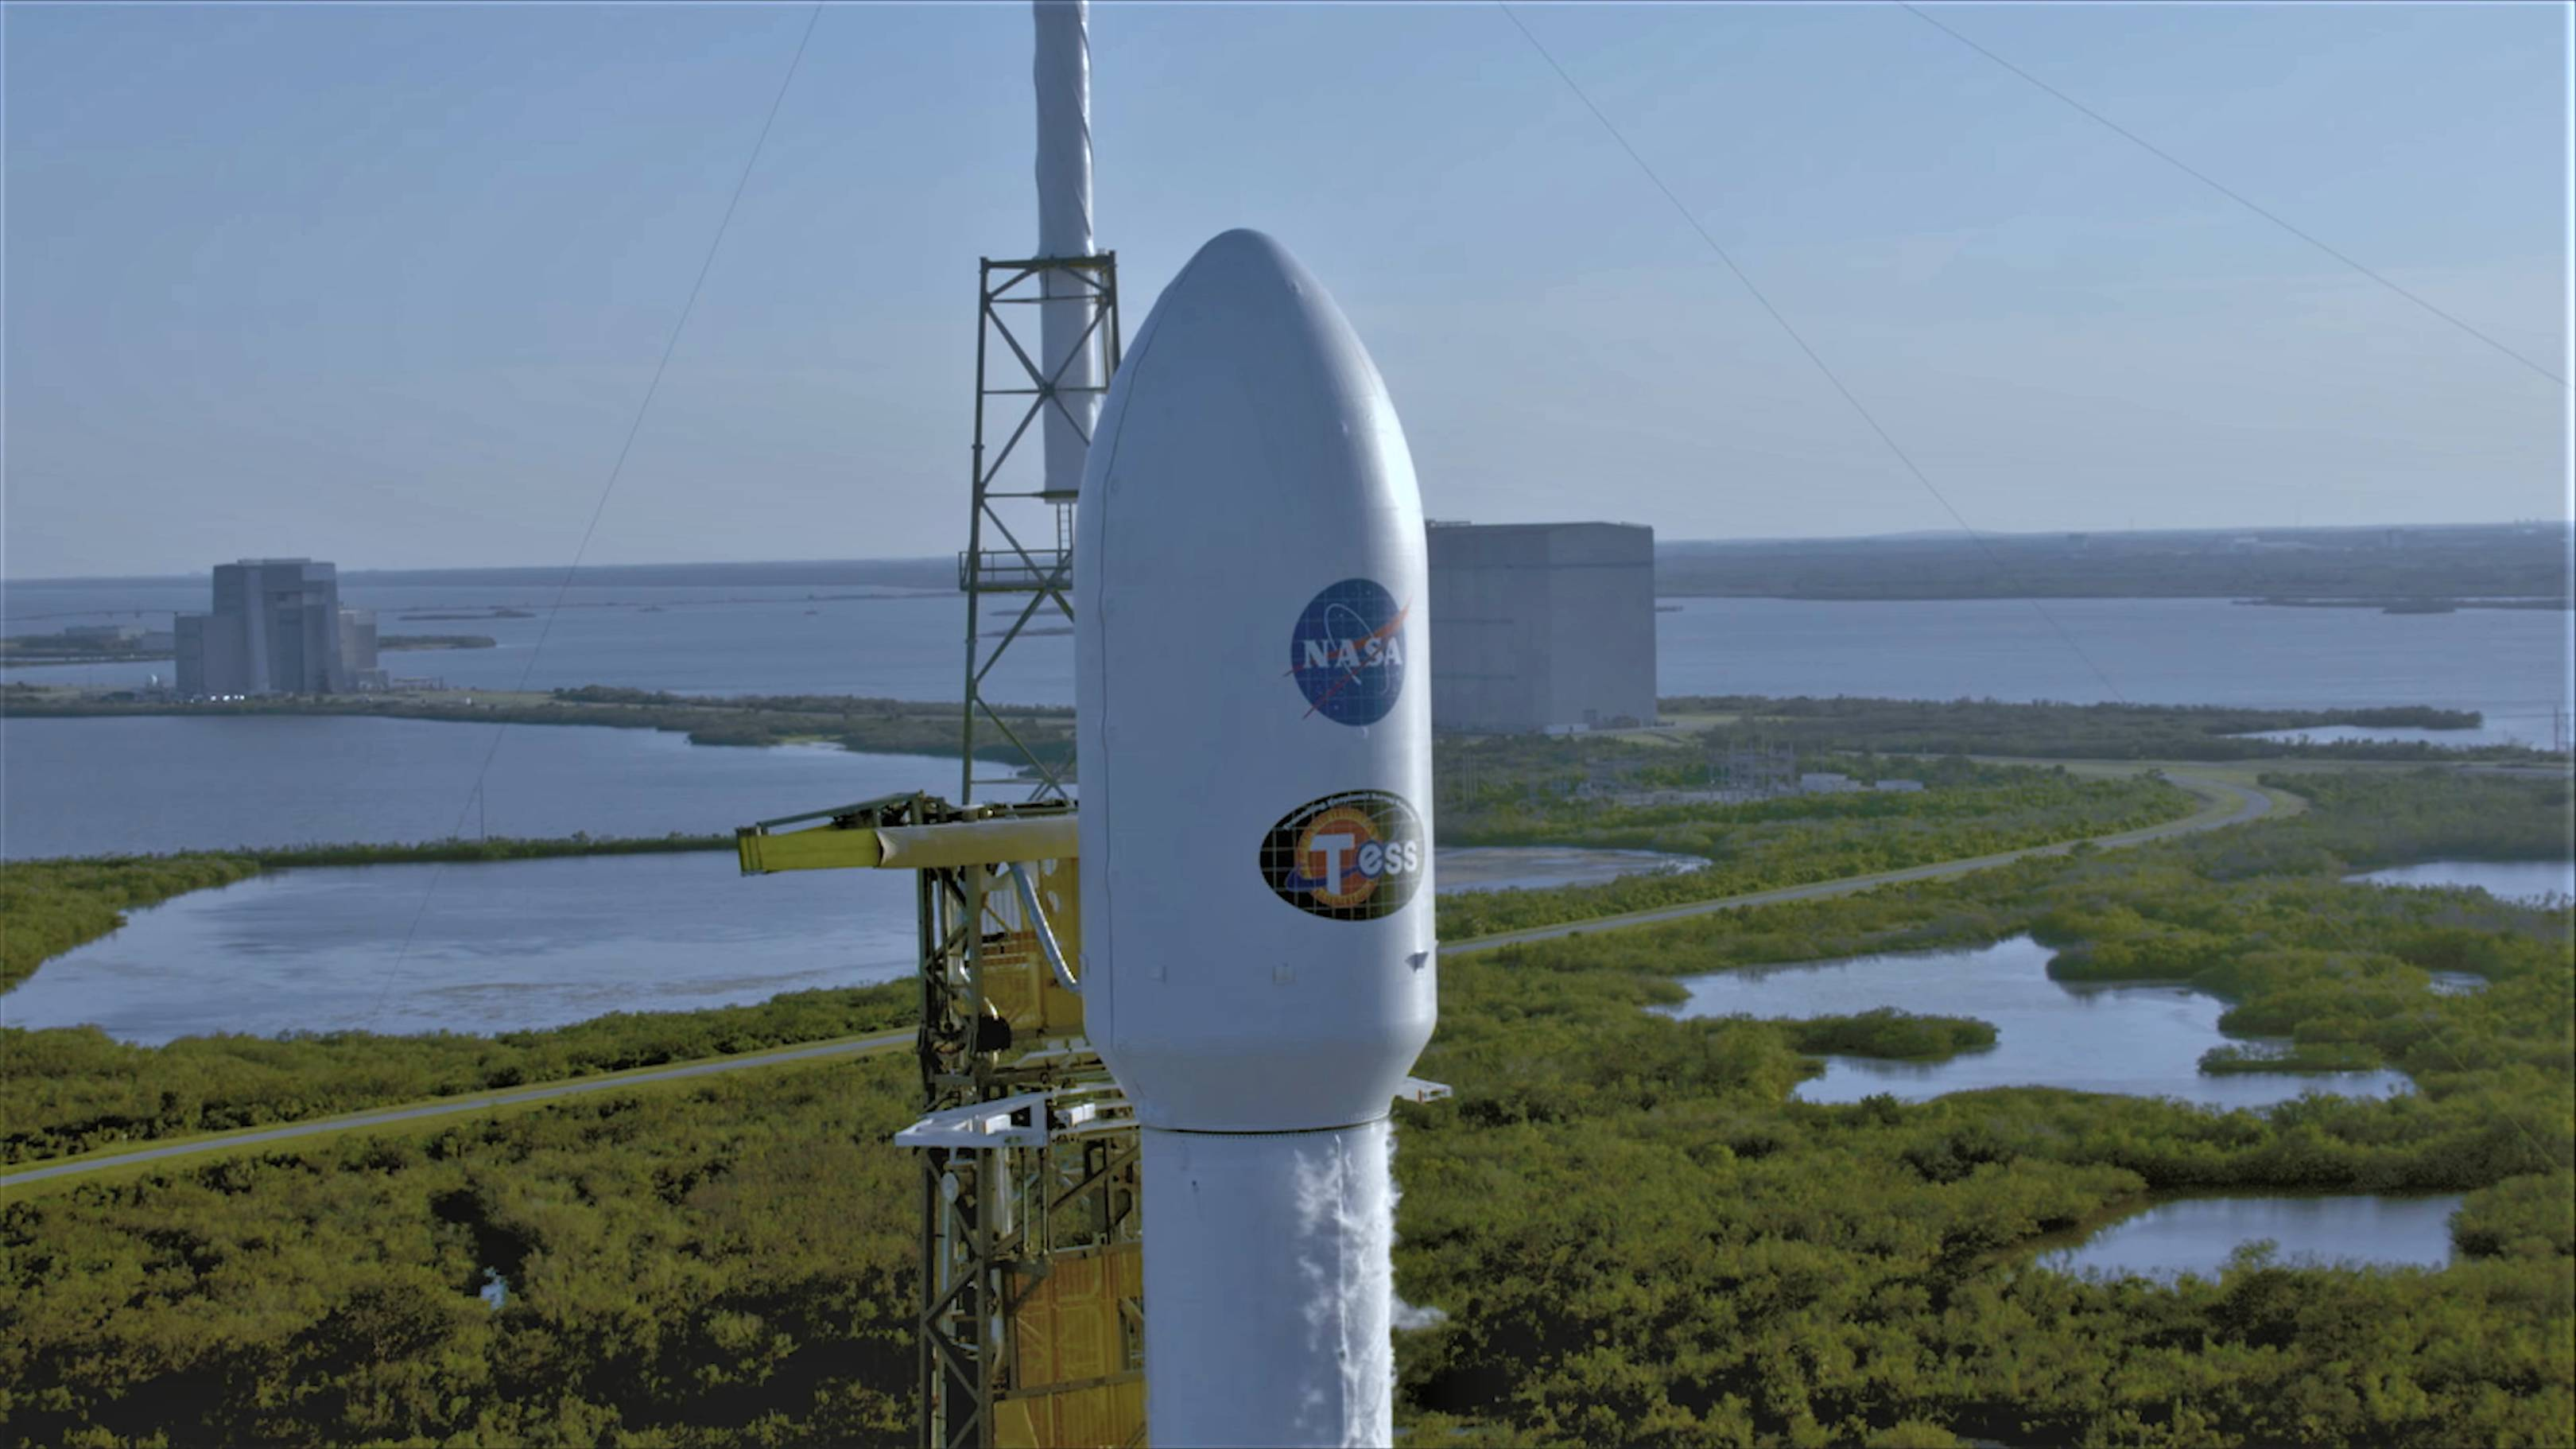 Falcon 9 B1045 TESS prelaunch LC40 (NASA)(c)